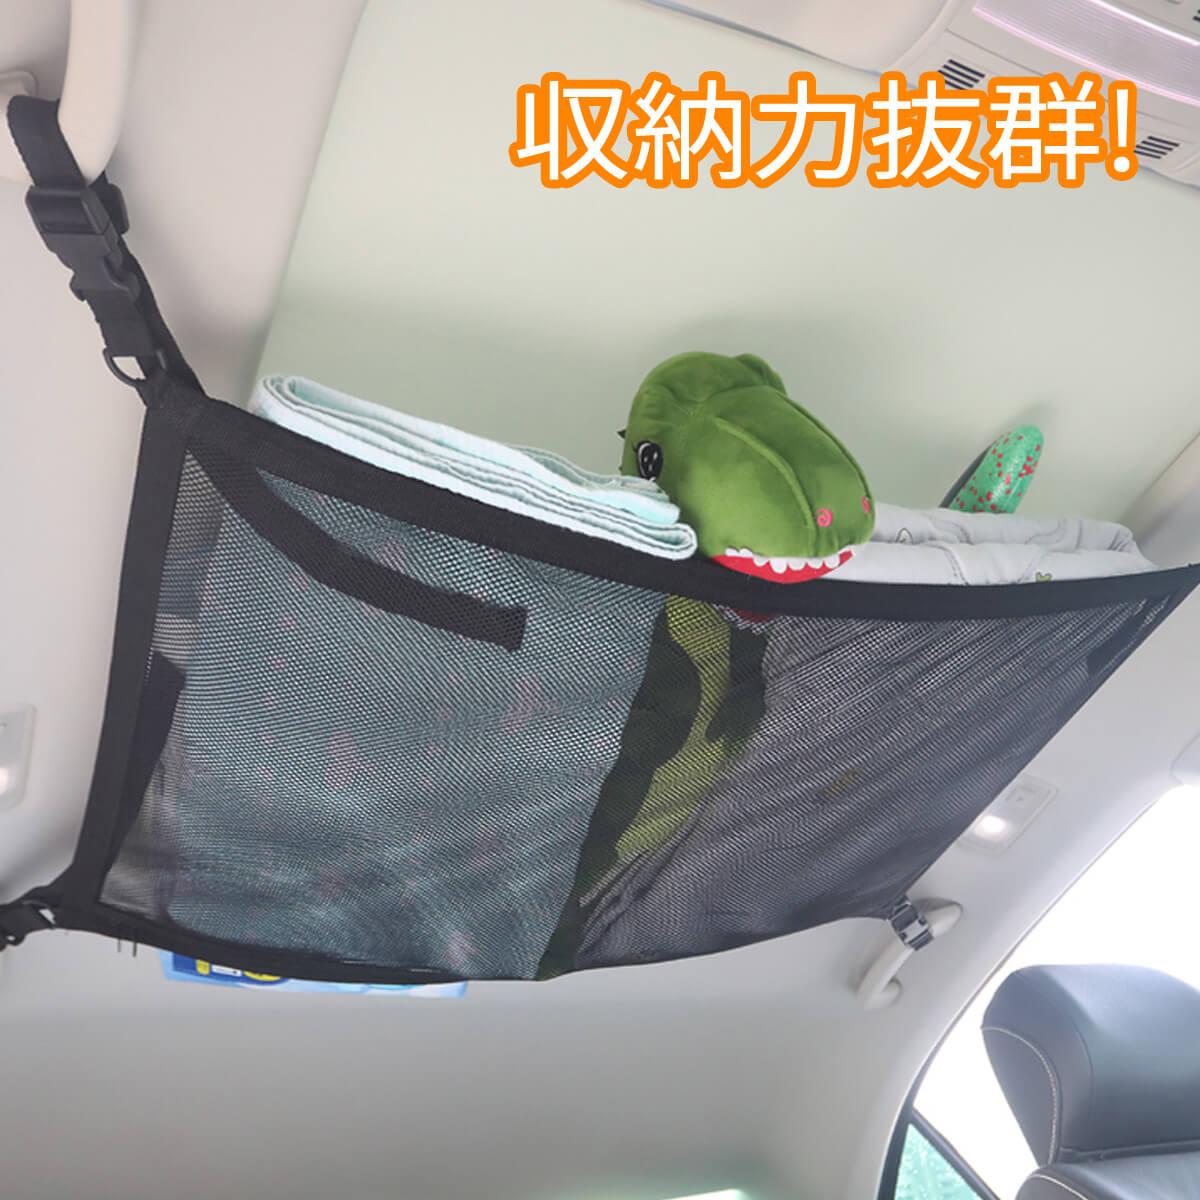 車用 天井収納ネット 収納力抜群